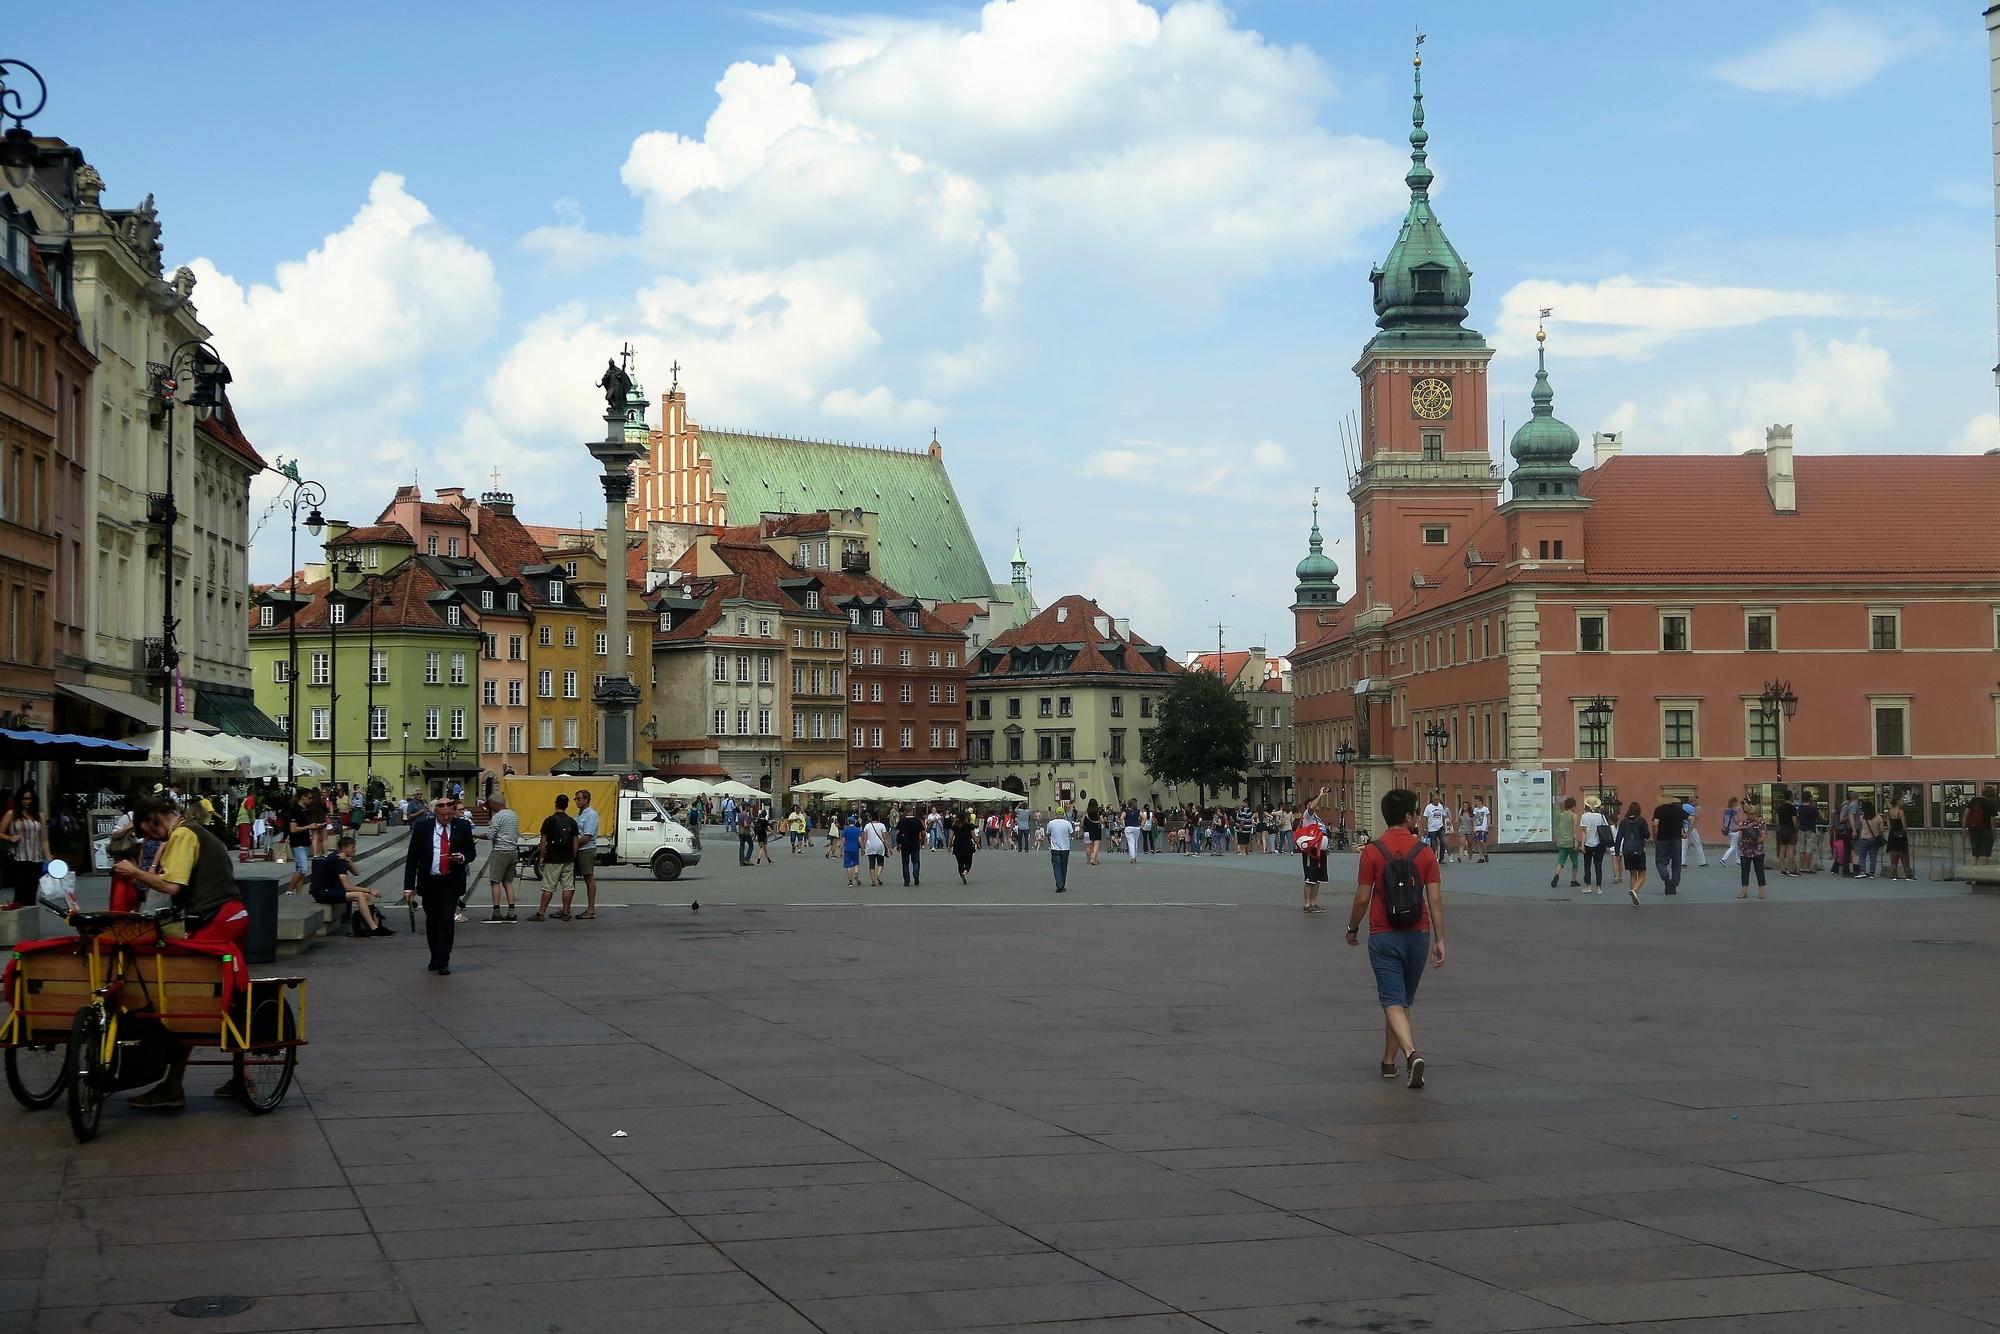 Place Zamkowy devant le Château Royale /Zamek Królewski. A gauche la colonne du roi Sigismond III marque le début de la Voie Royale